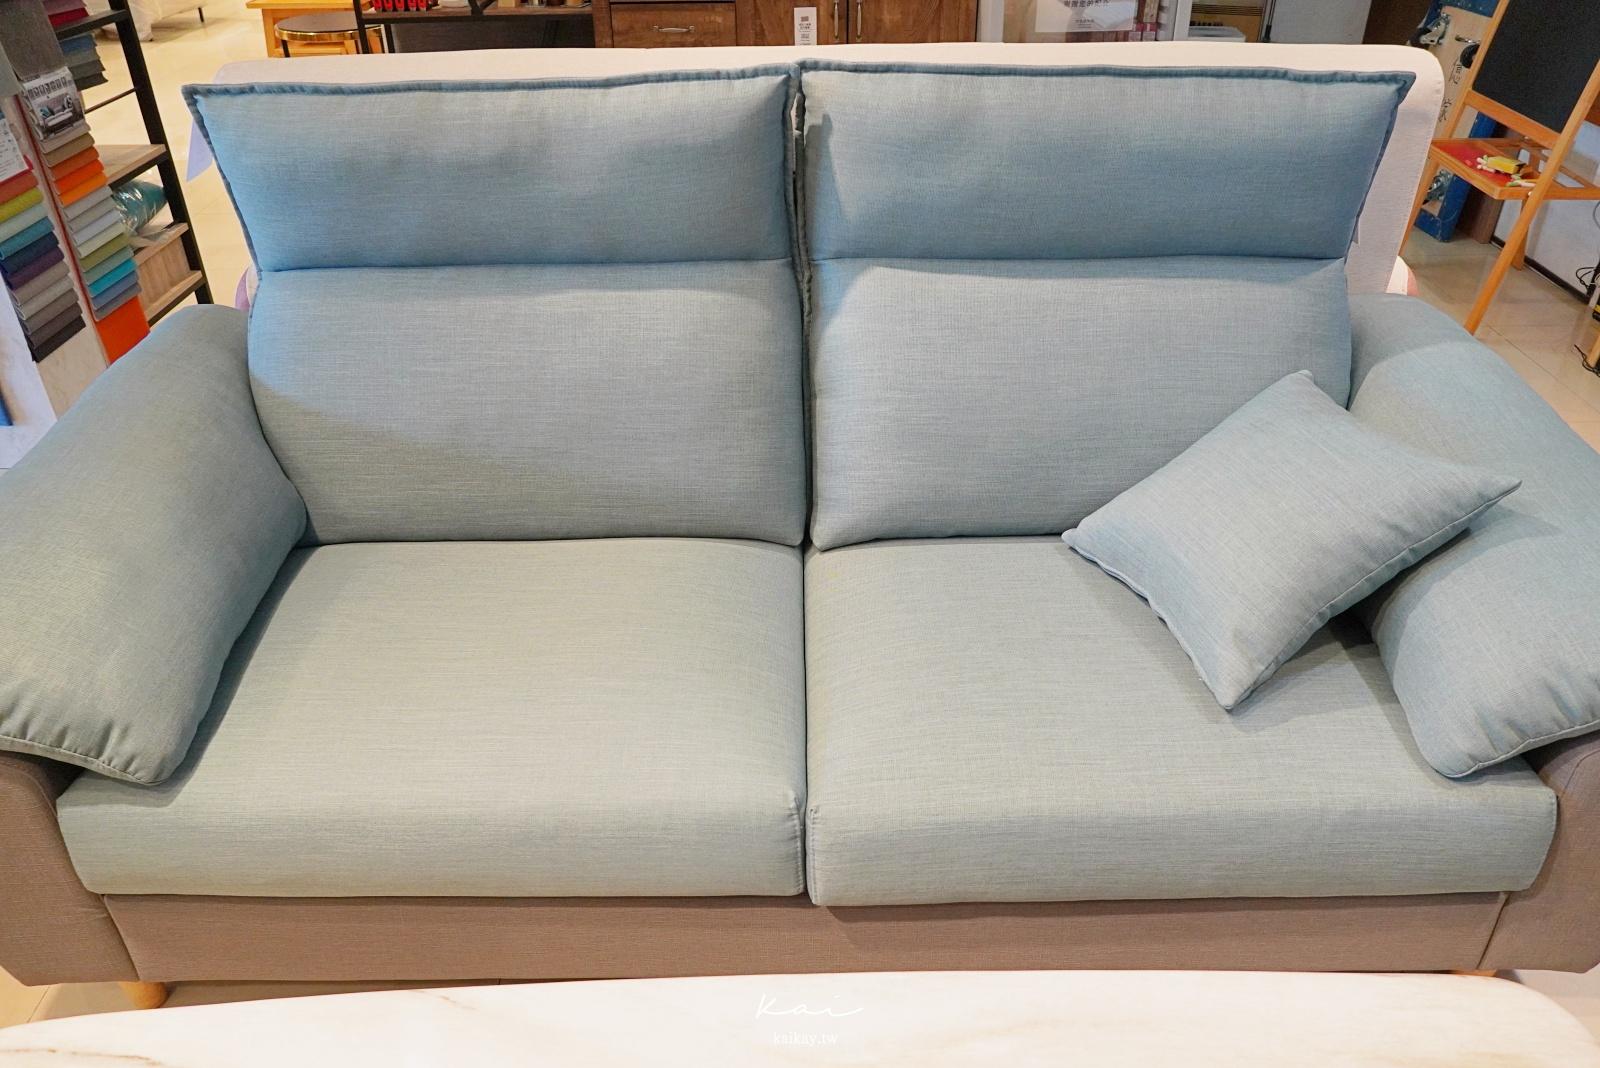 ☆【億家俱-新竹店】就像回到自己家中的輕鬆舒適。試坐、挑選沙發完全零壓力